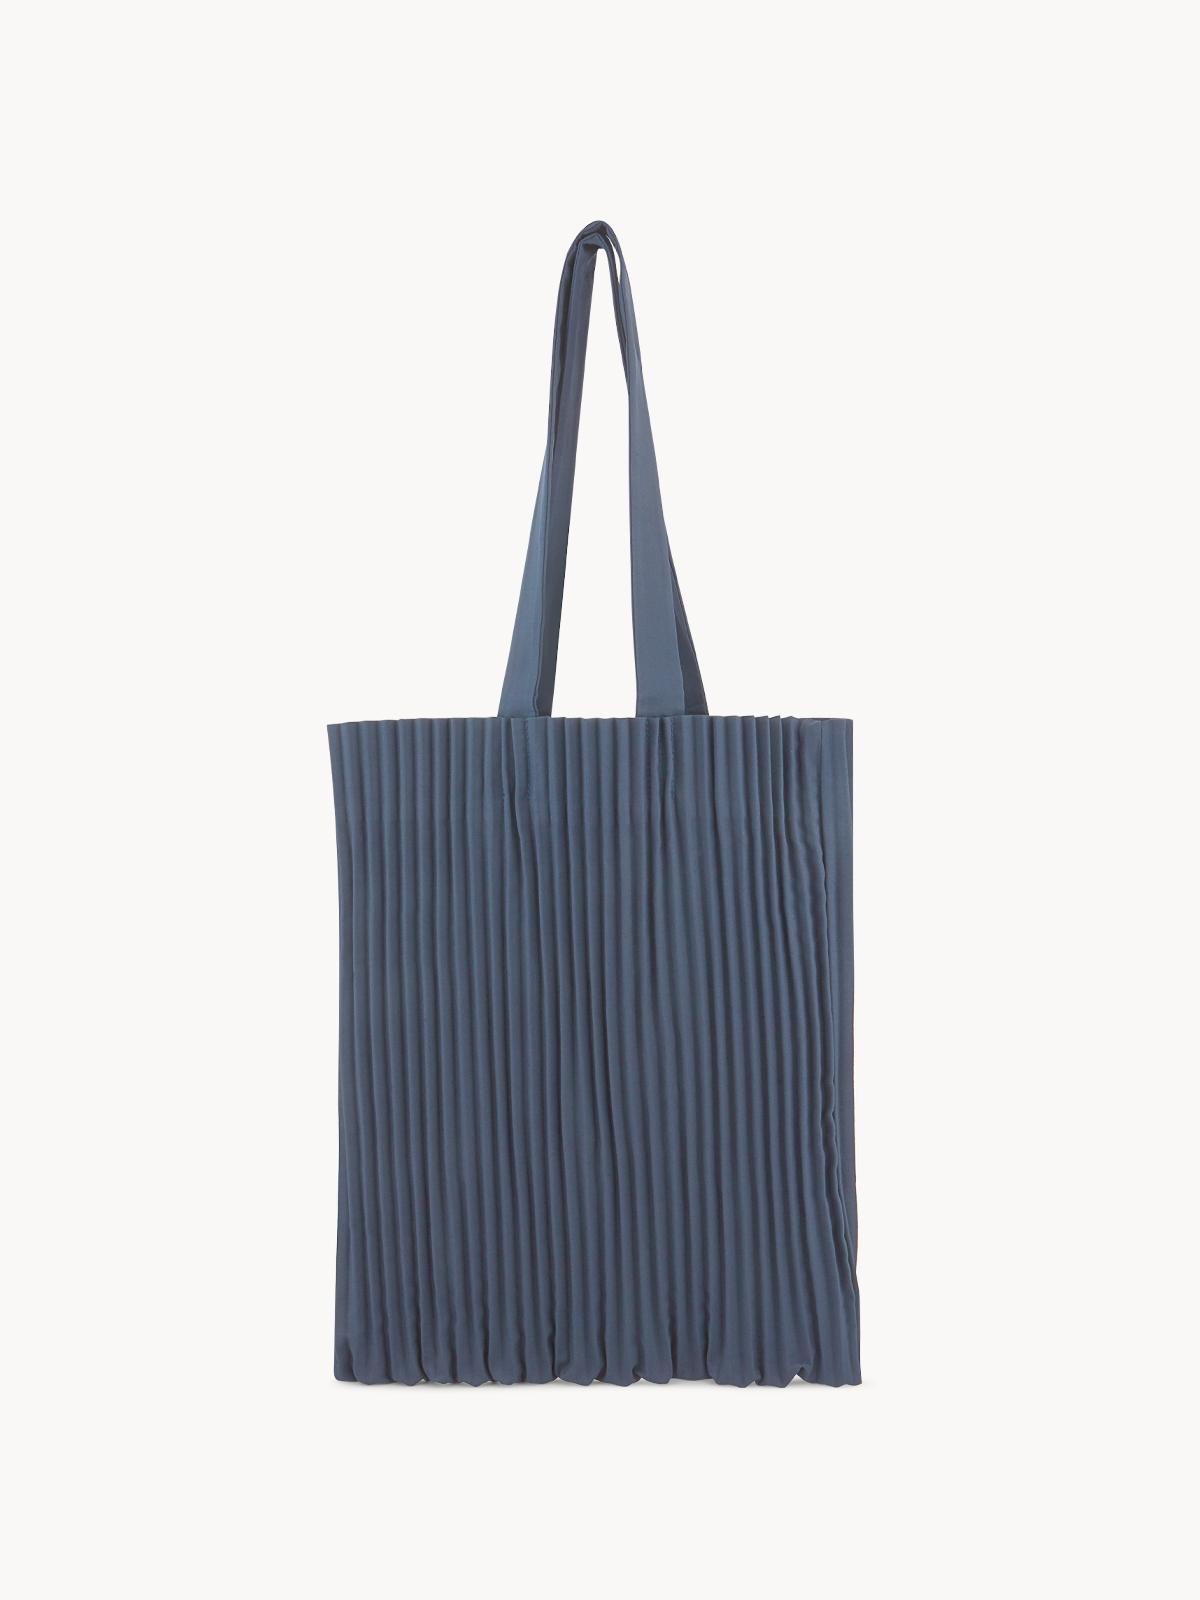 Apalepetal Pleated Tote Bag Blue